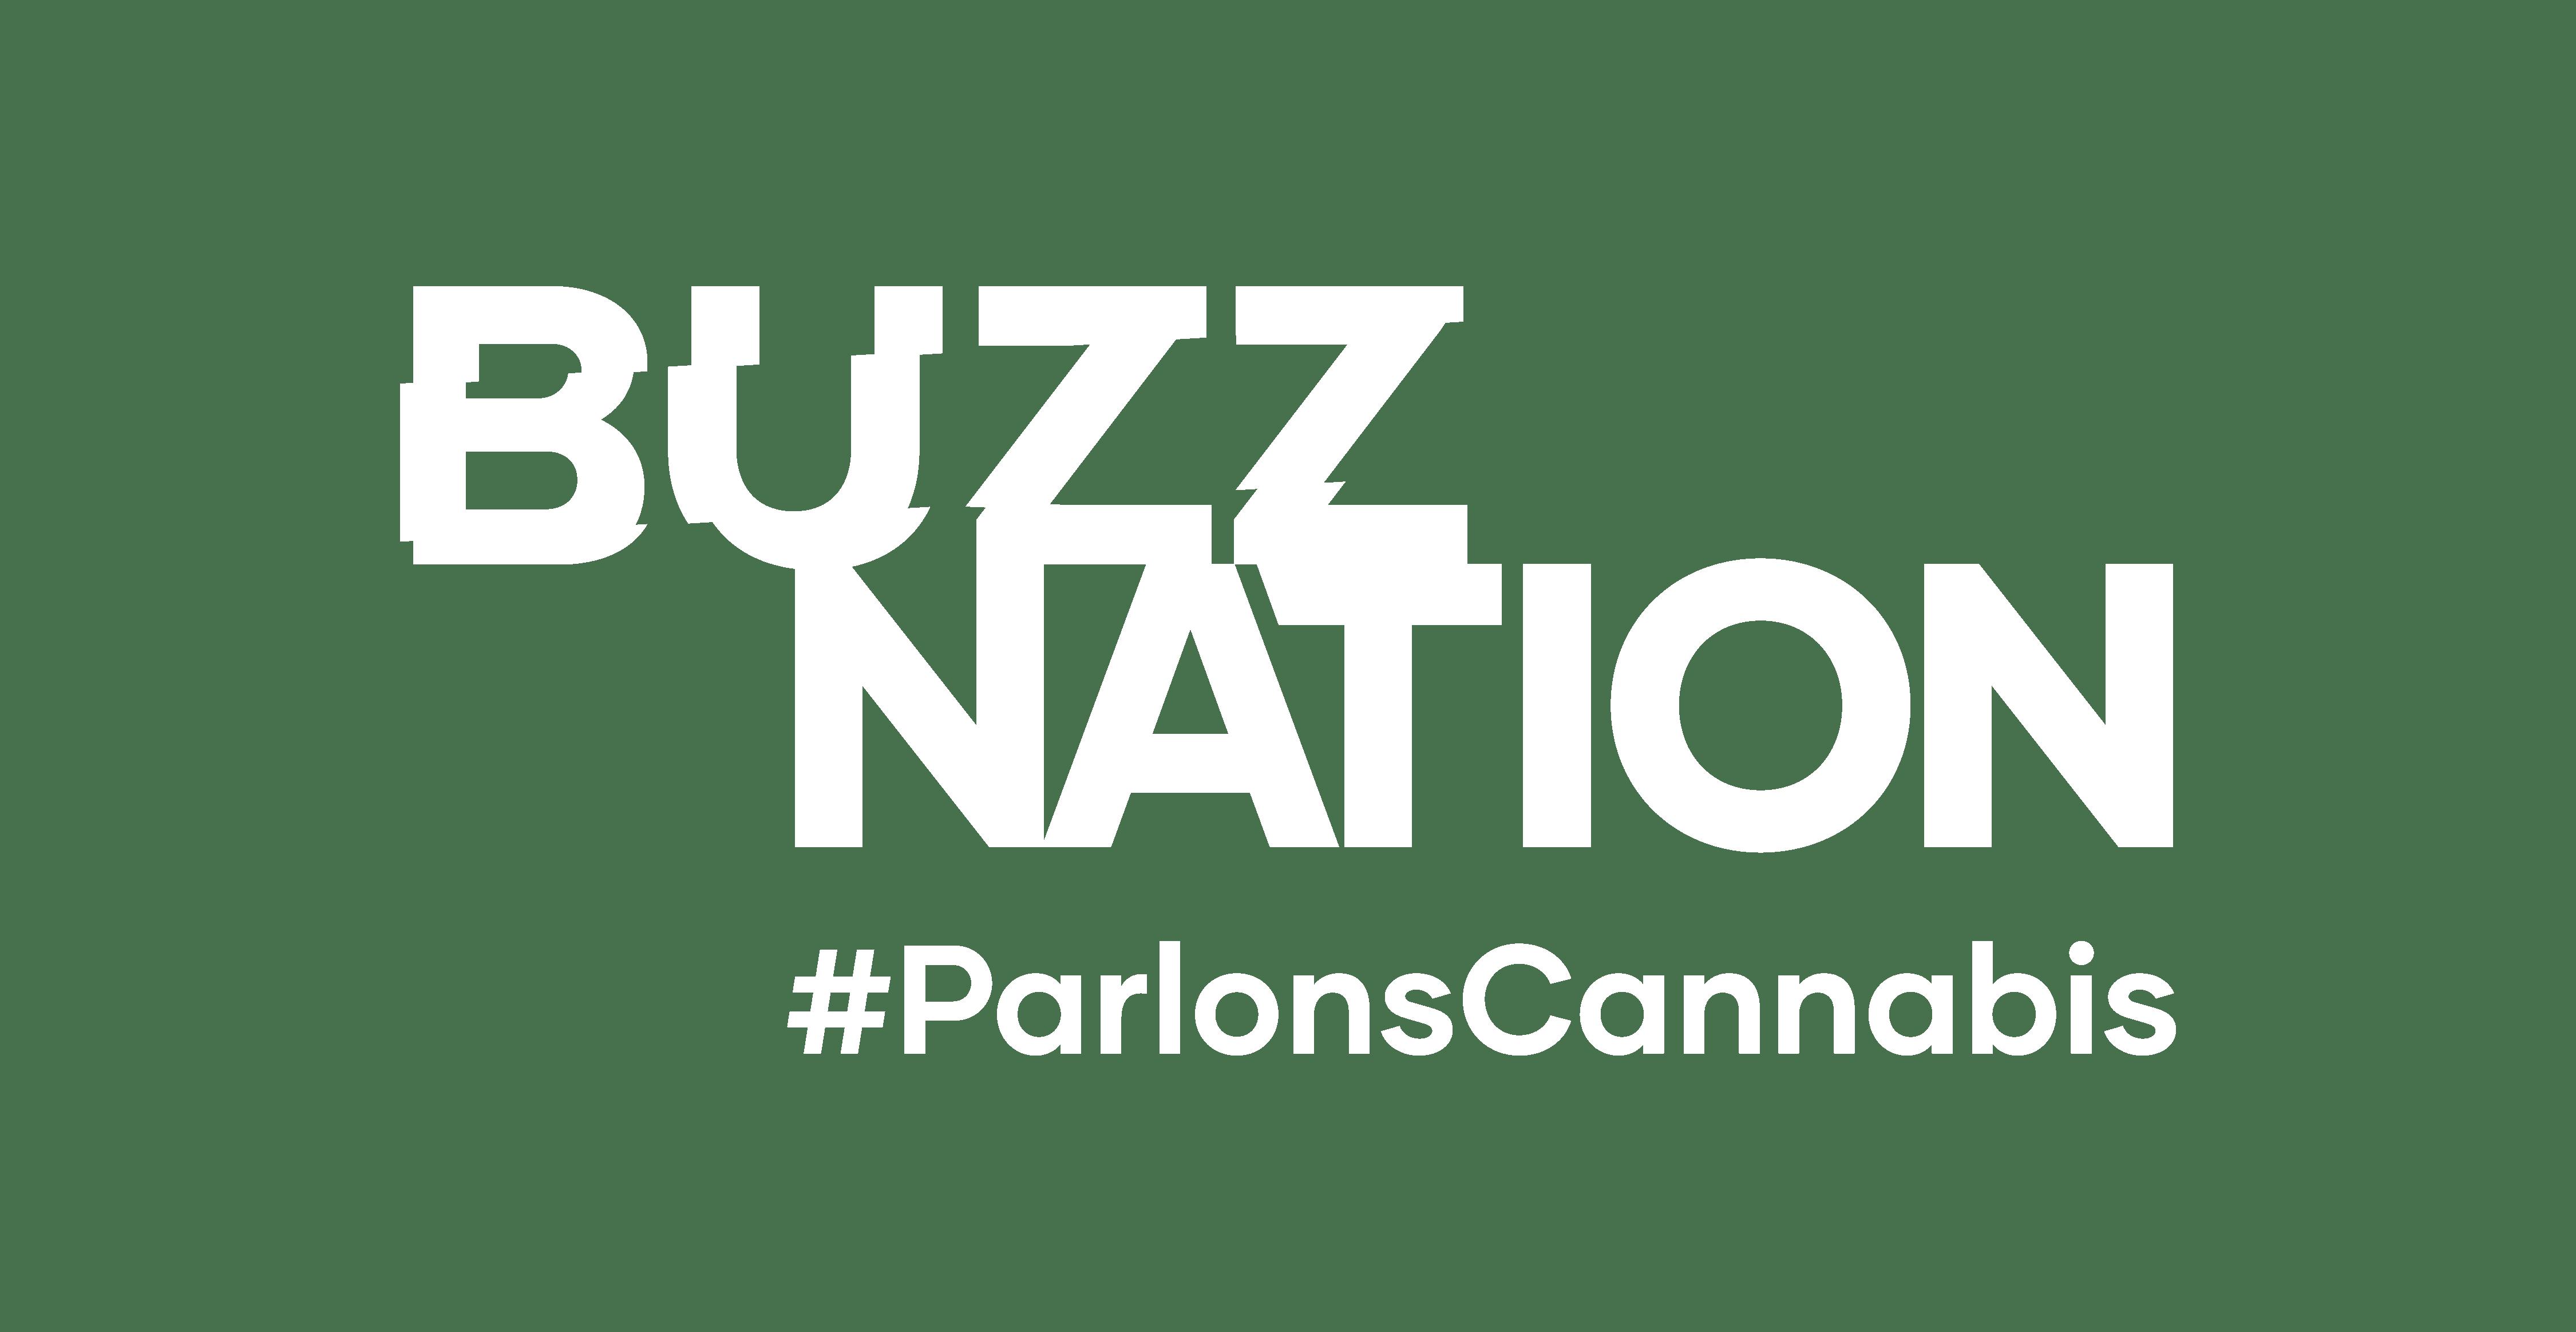 BuzzNation